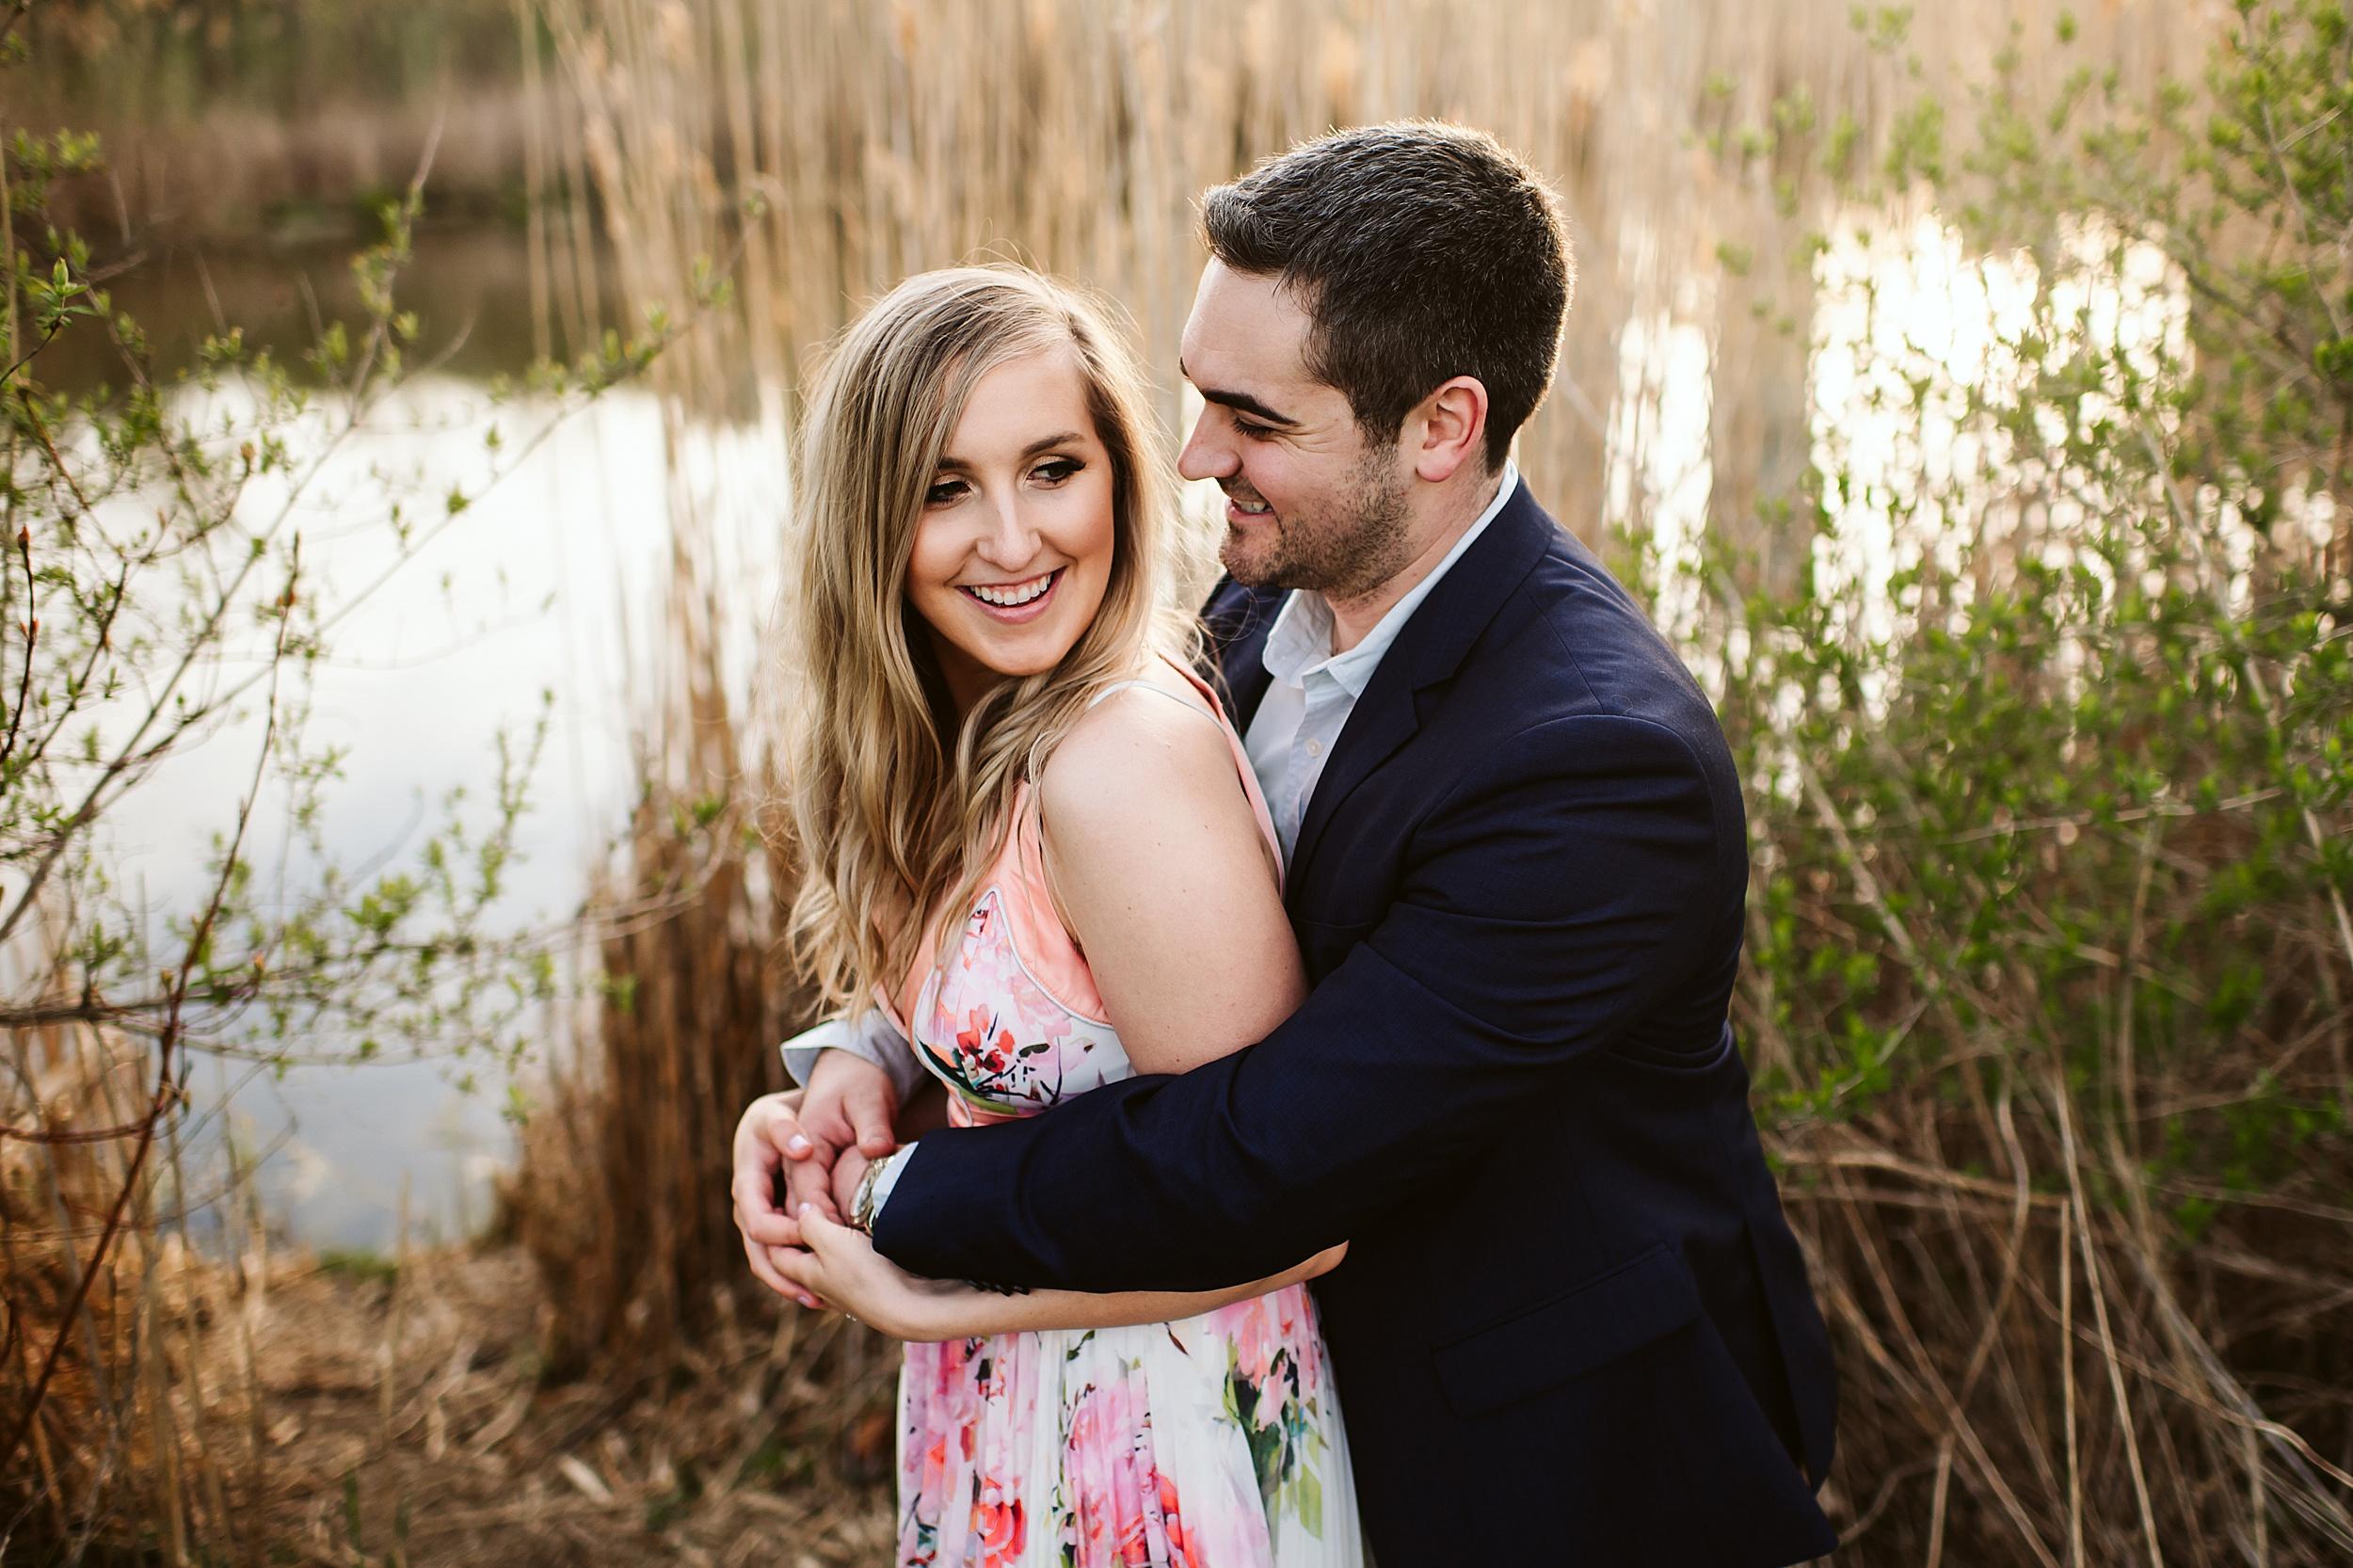 Toronto_Wedding_Photographers_Humber_Bay_Engagement_Shoot_Etobicoke_0013.jpg